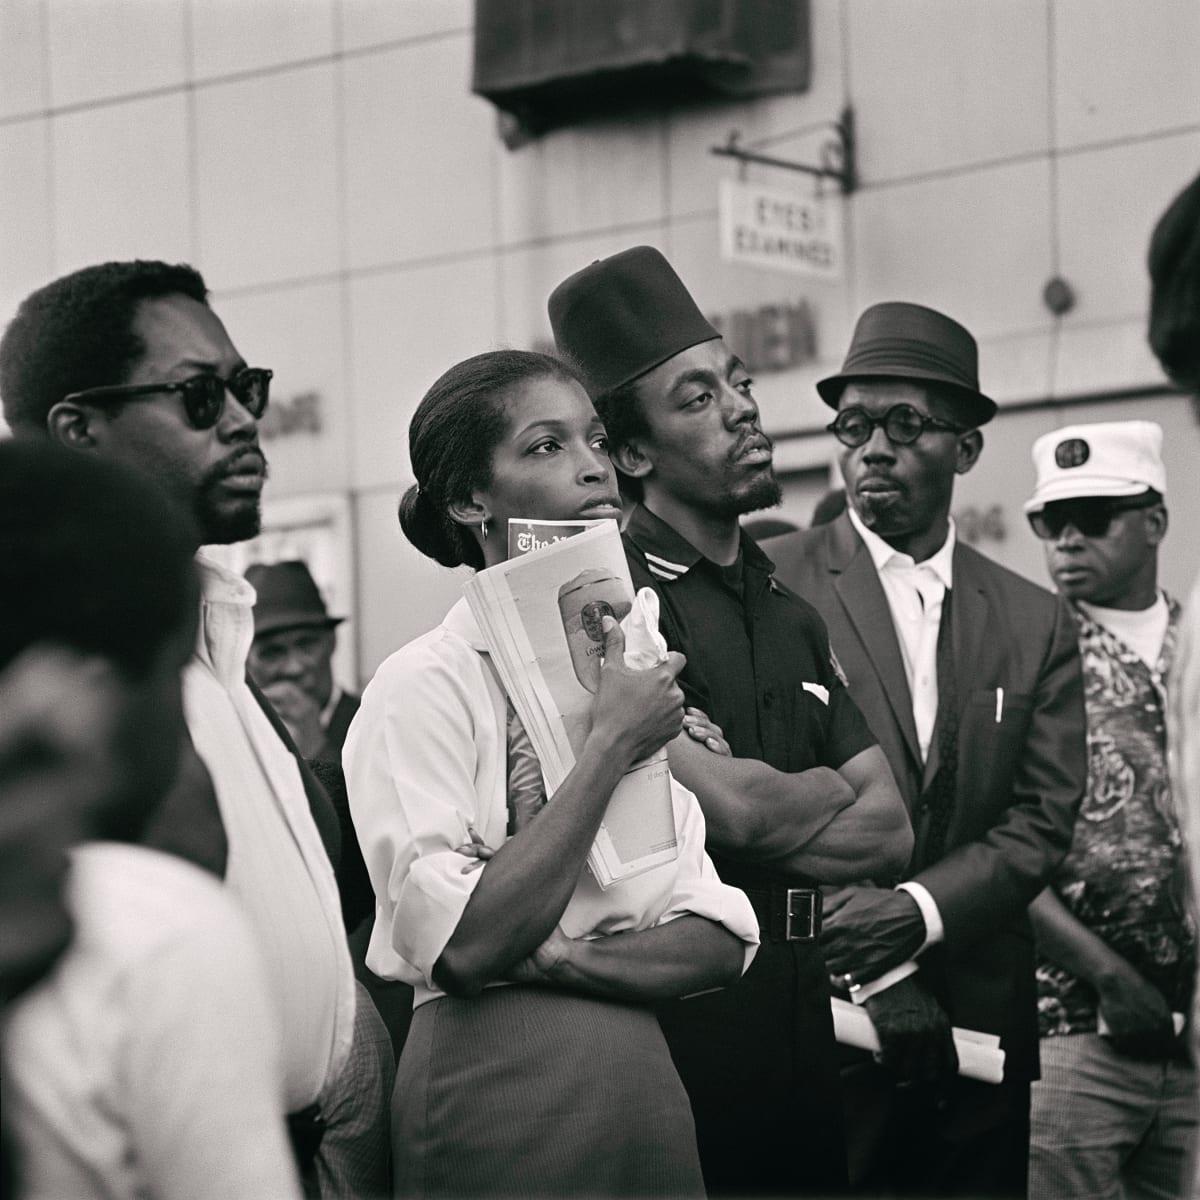 Kwame Brathwaite, Untitled (Garvey Day Parade - Harlem), 1967, printed 2018